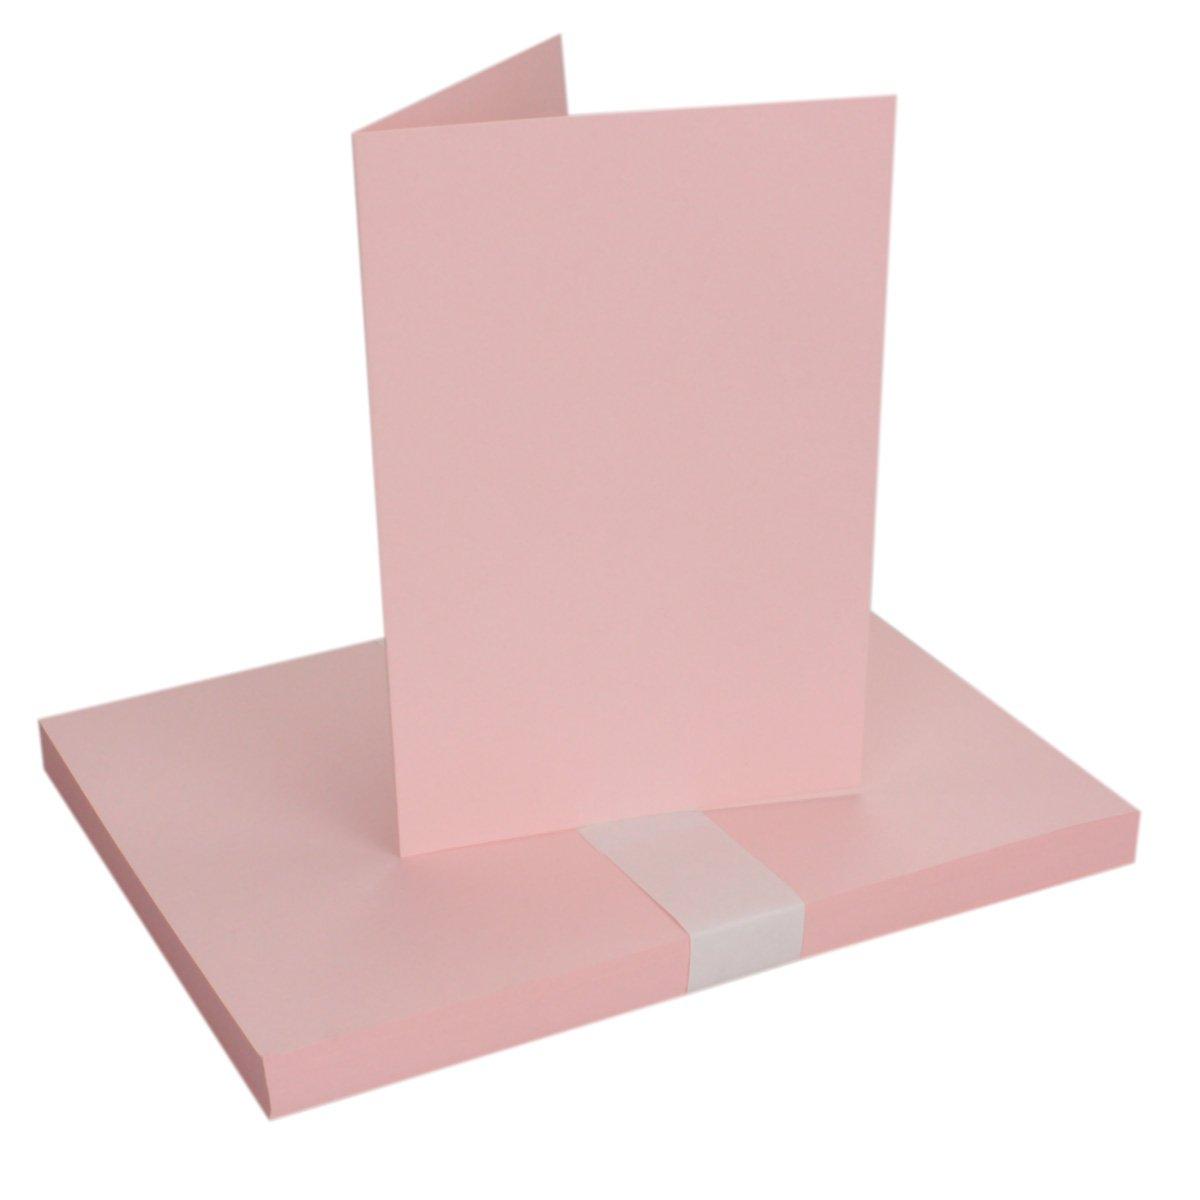 250x Falt-Karten Falt-Karten Falt-Karten DIN A6 Blanko Doppel-Karten in Hochweiß Kristallweiß -10,5 x 14,8 cm   Premium Qualität   FarbenFroh® B079VGH13Q | Spielzeugwelt, glücklich und grenzenlos  18921b